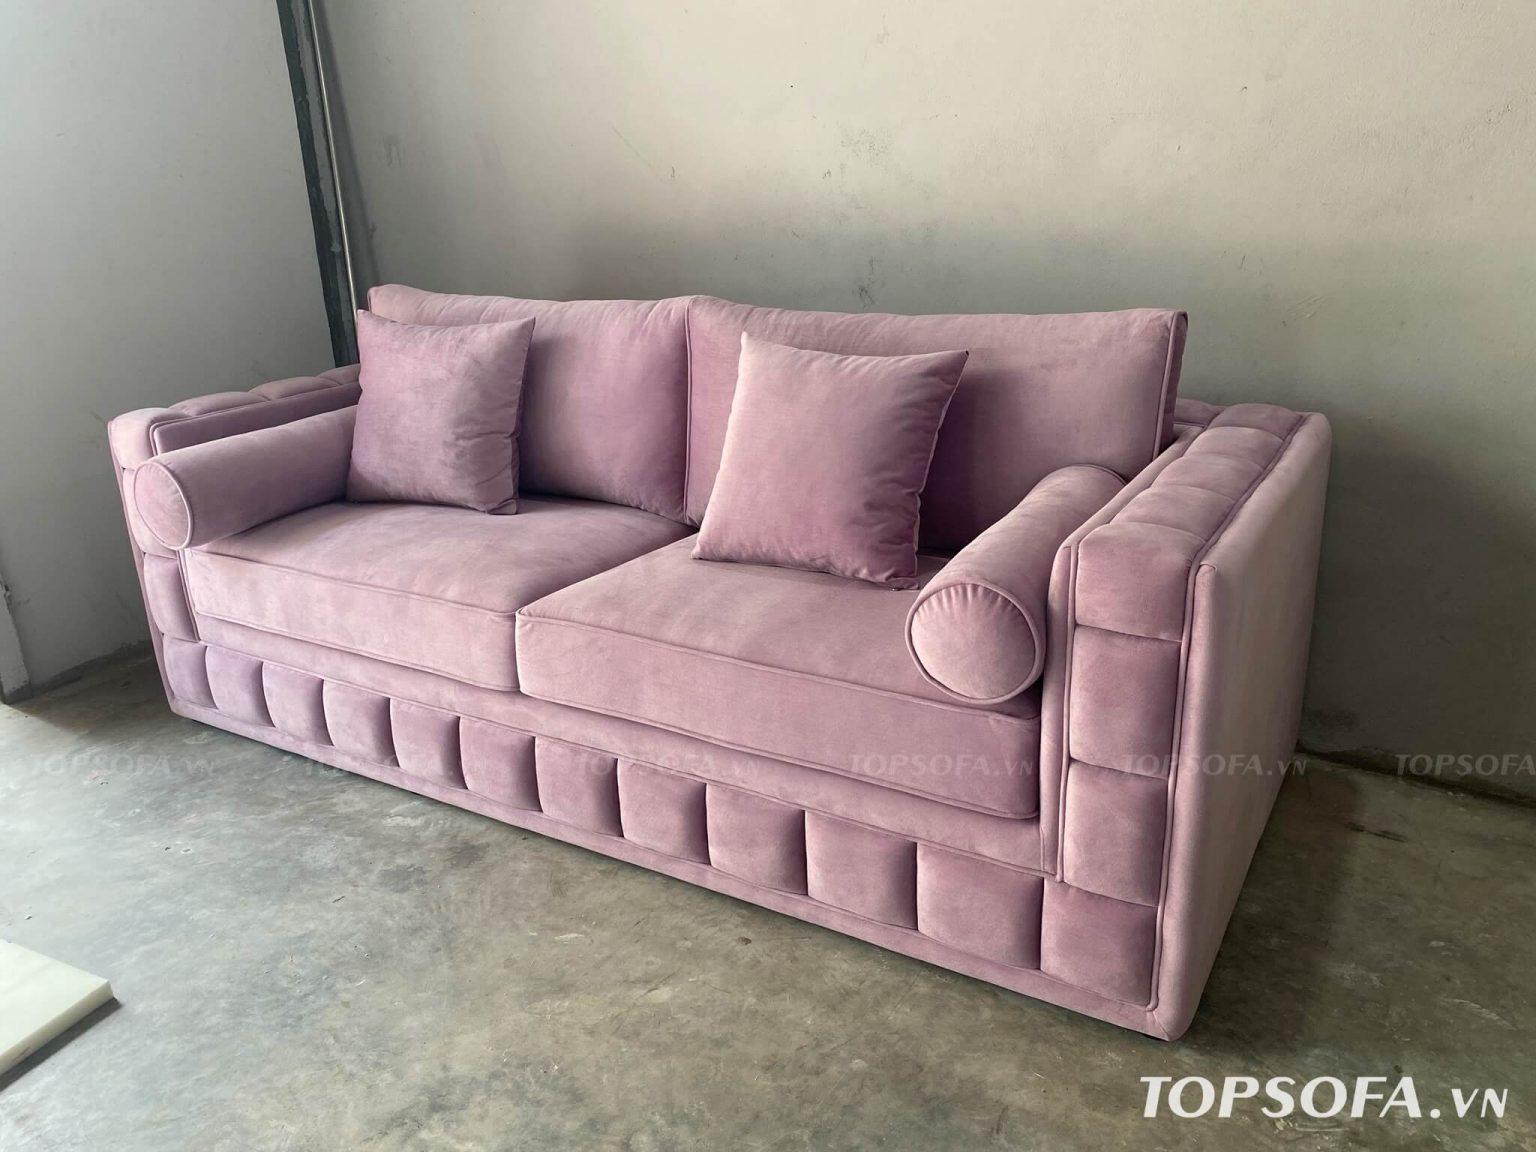 Sofa văng nỉ TS328 2 chỗ